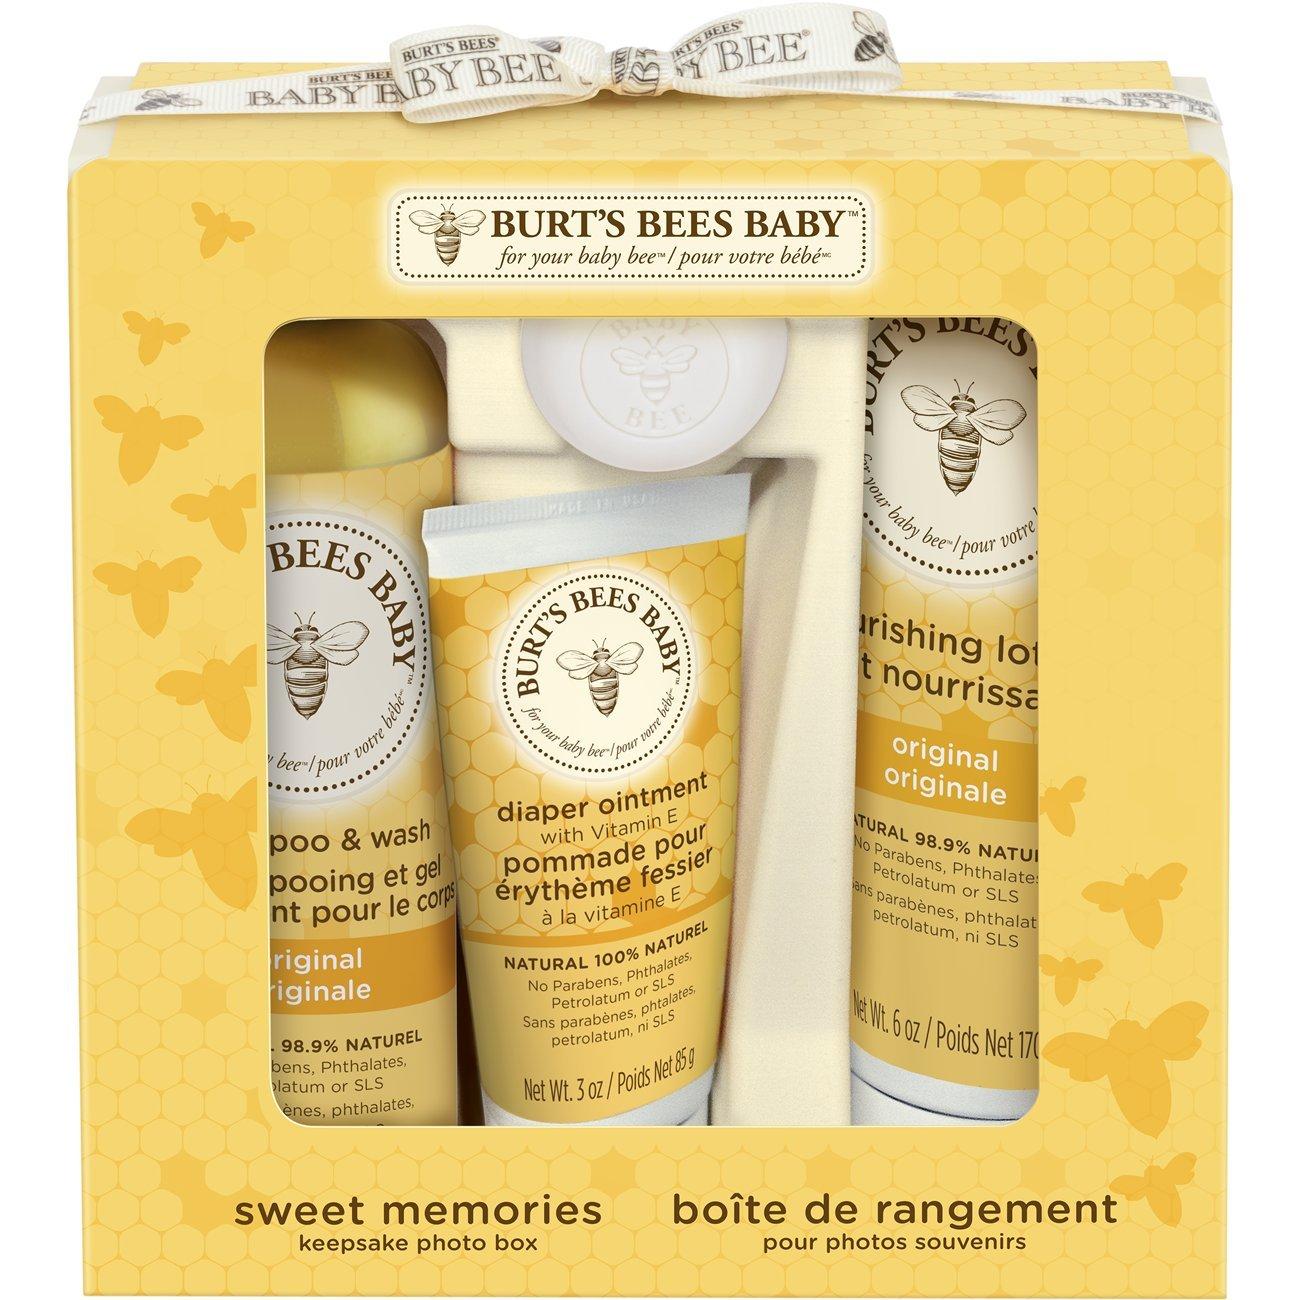 Burt's Bees Baby Bee Sweet Memories Gift Set with Keepsake Photo Box by Burt's Bees CBee Europe Ltd 89249-14